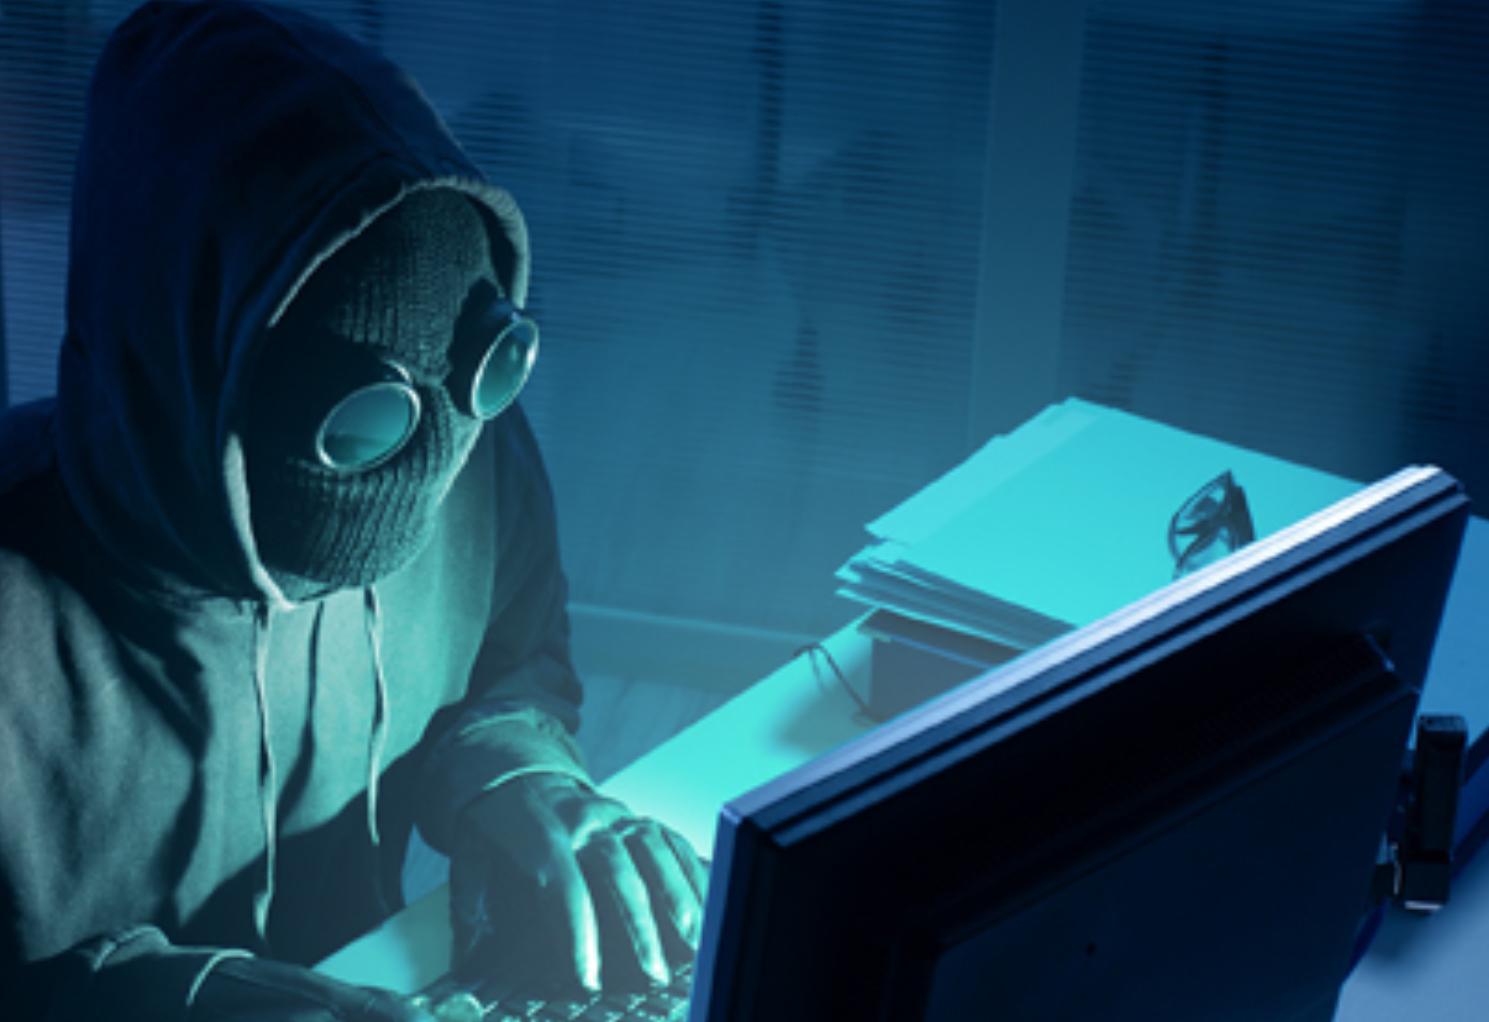 توقيف شابين في مراكش  بتهمة المس بأنظمة المعالجة الآلية للمعطيات البنكية